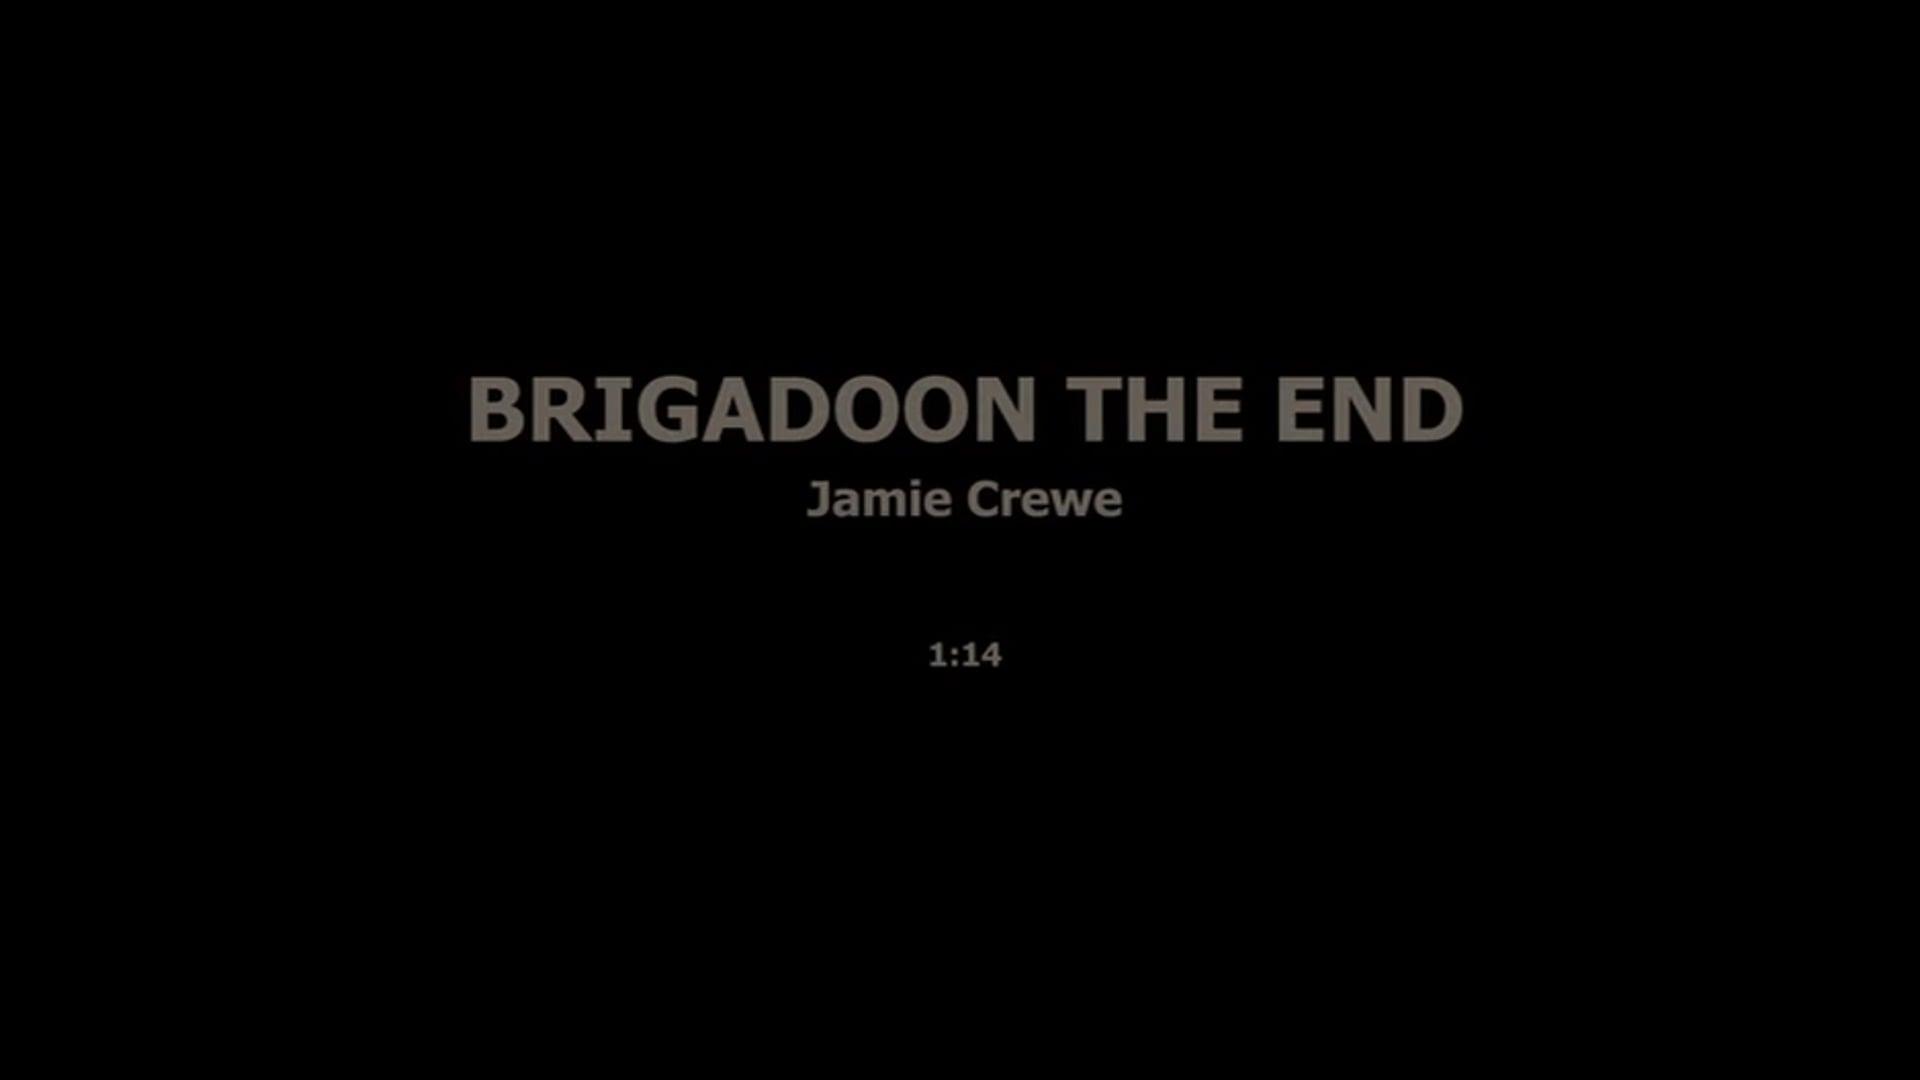 BRIGADOON THE END - JAMIE CREWE